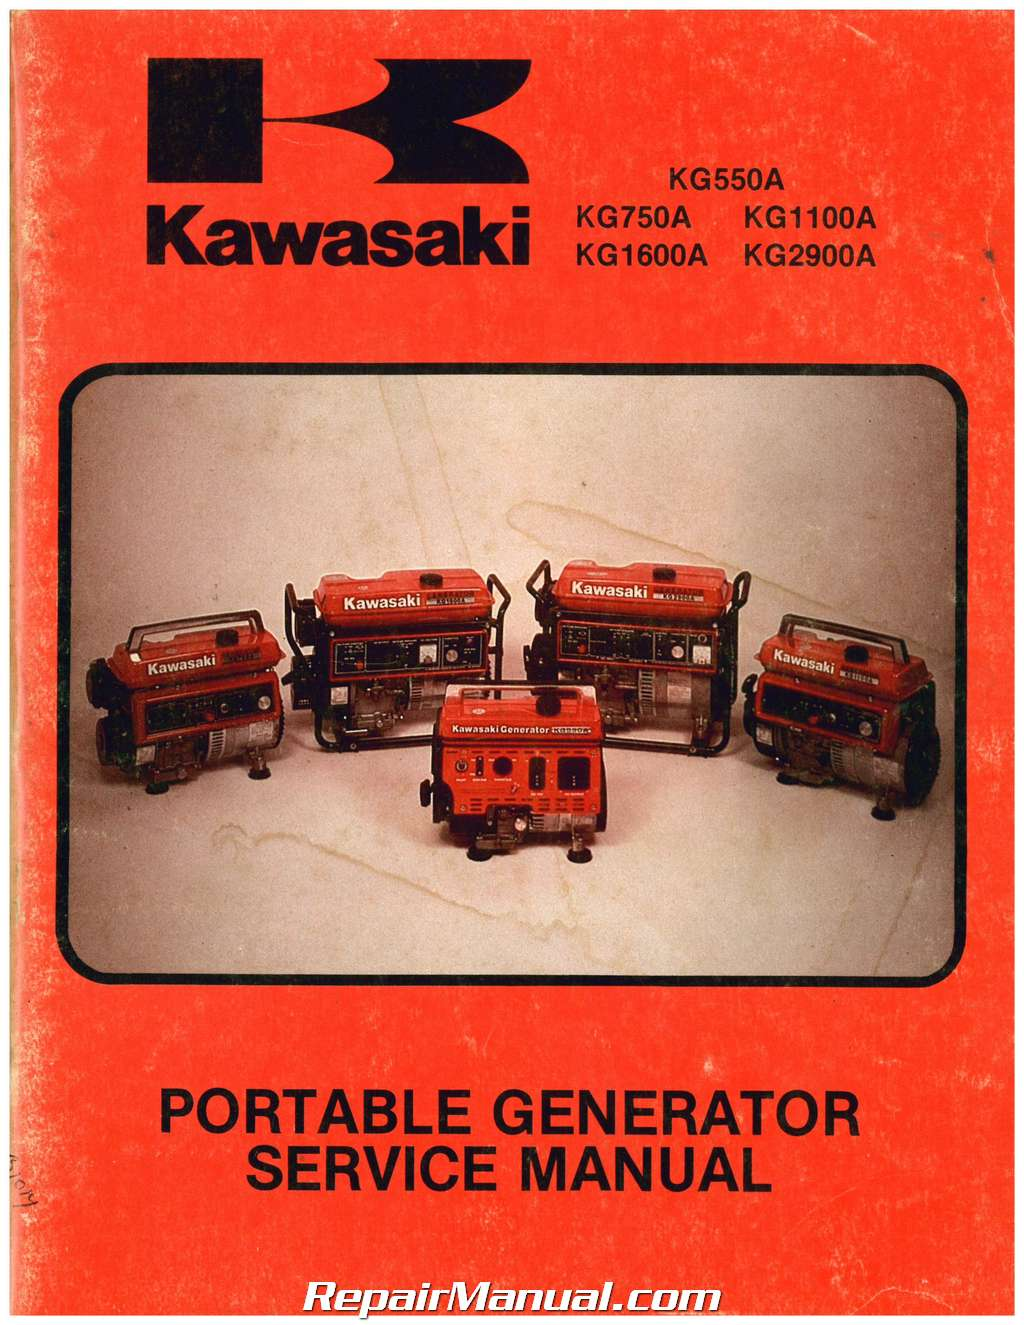 Kawasaki Kg550a Kg750a Kg1100a Kg1600a Kg2900a Portable